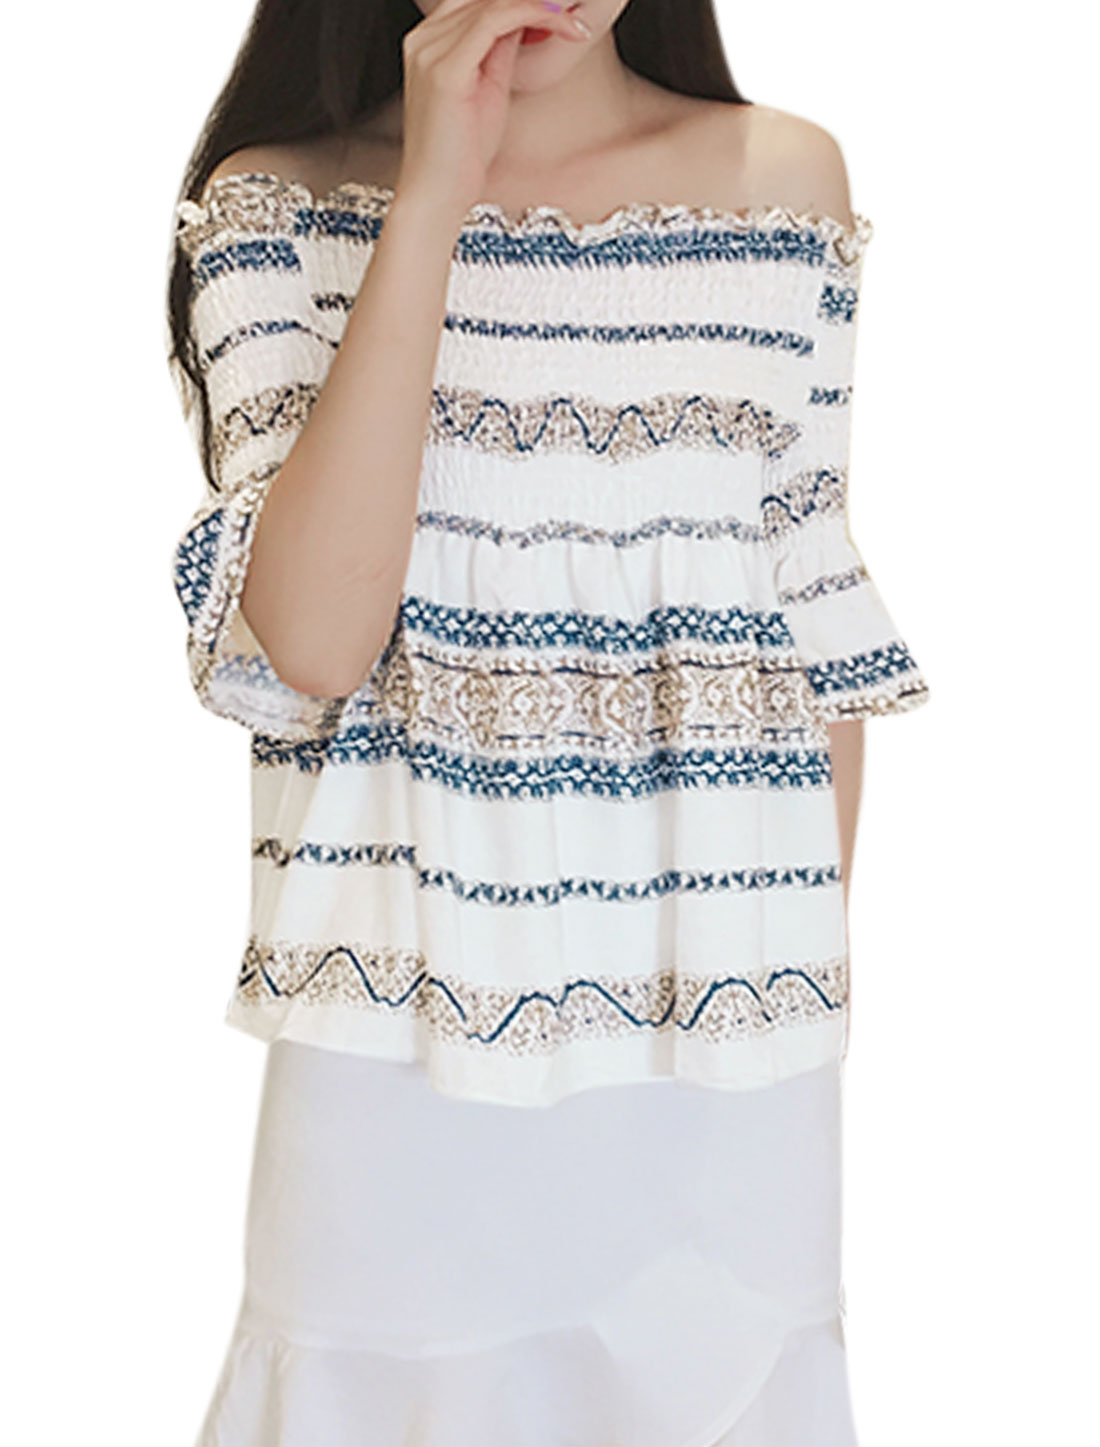 Women Stripes Design Smocked Upper Bell Sleeves Top White XS